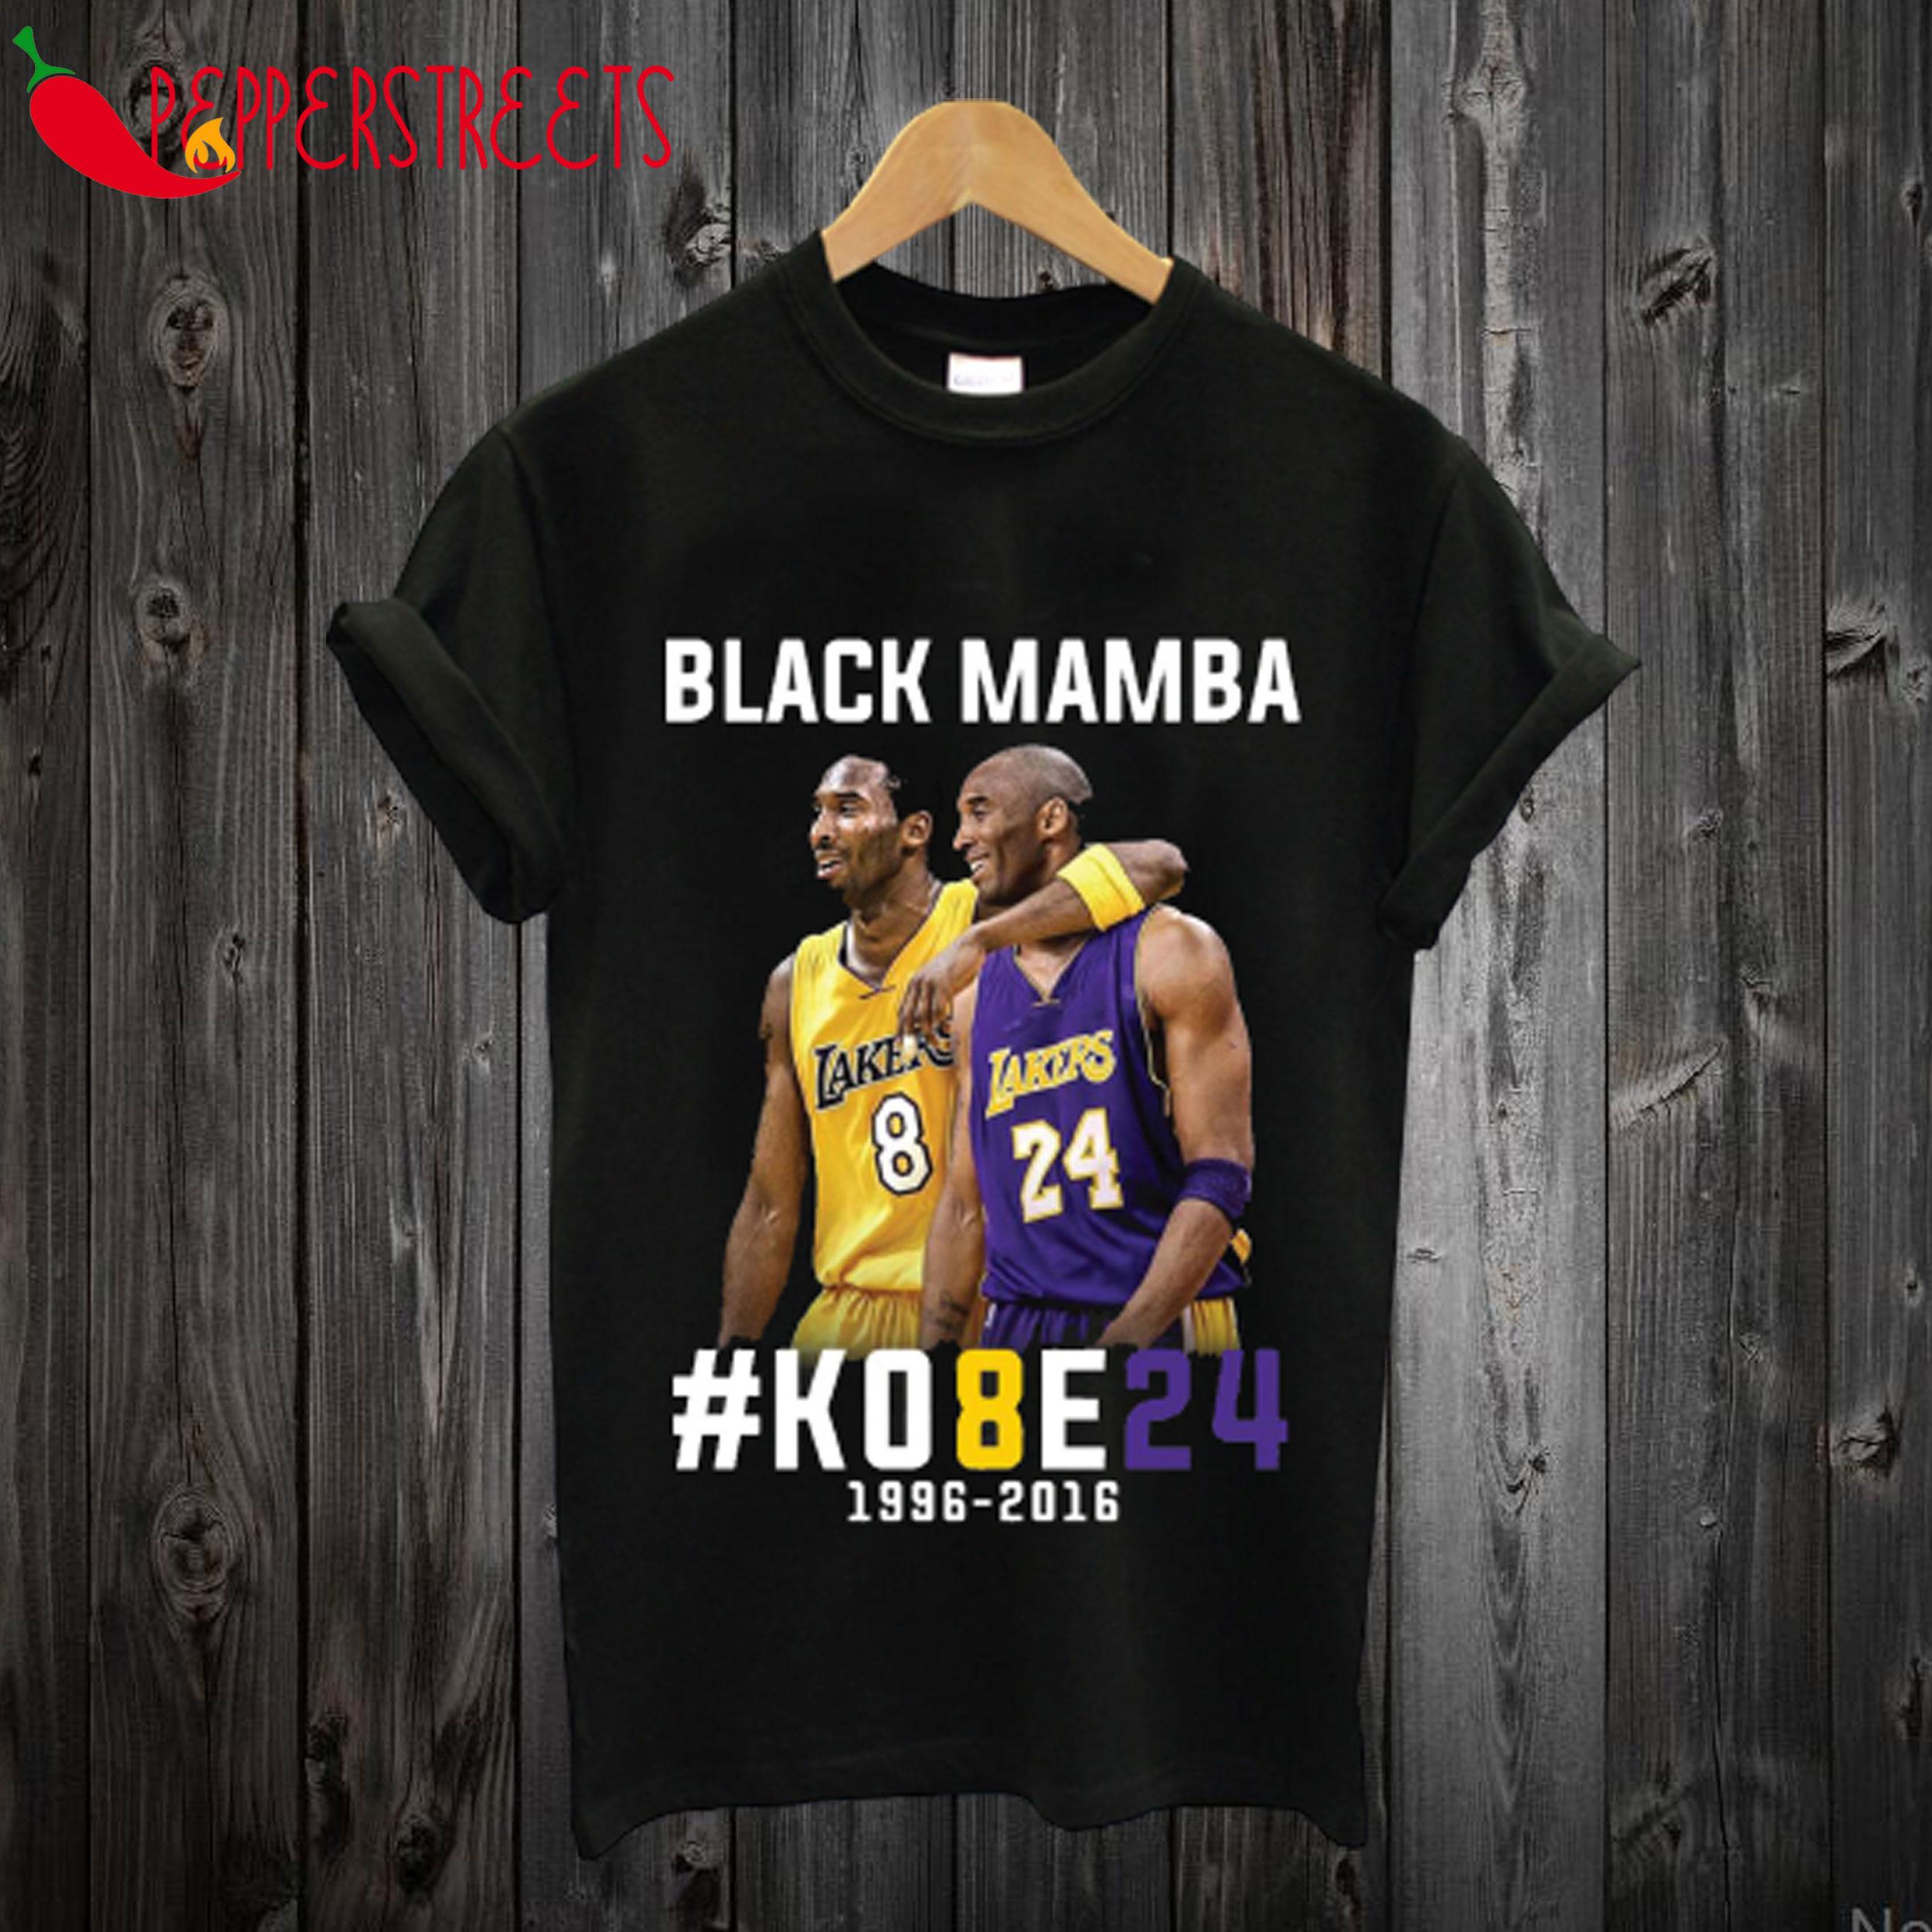 Kobe Bryant Black Mamba 24 T Shirt